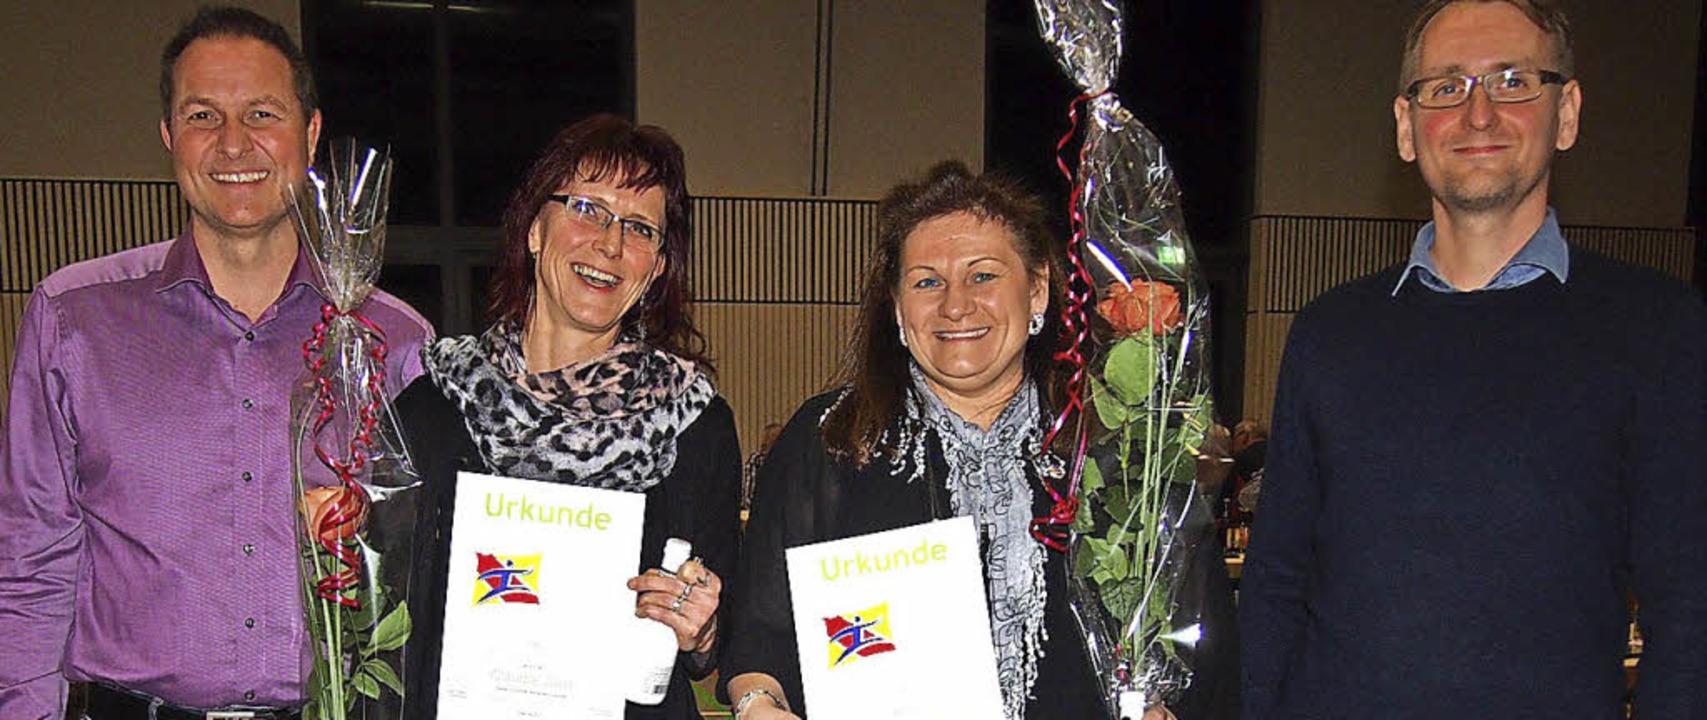 20 Jahre beim TV Hägelberg: Claudia Wü...(rechts) und Marcel Grüterich geehrt.   | Foto: Gabriele Poppen